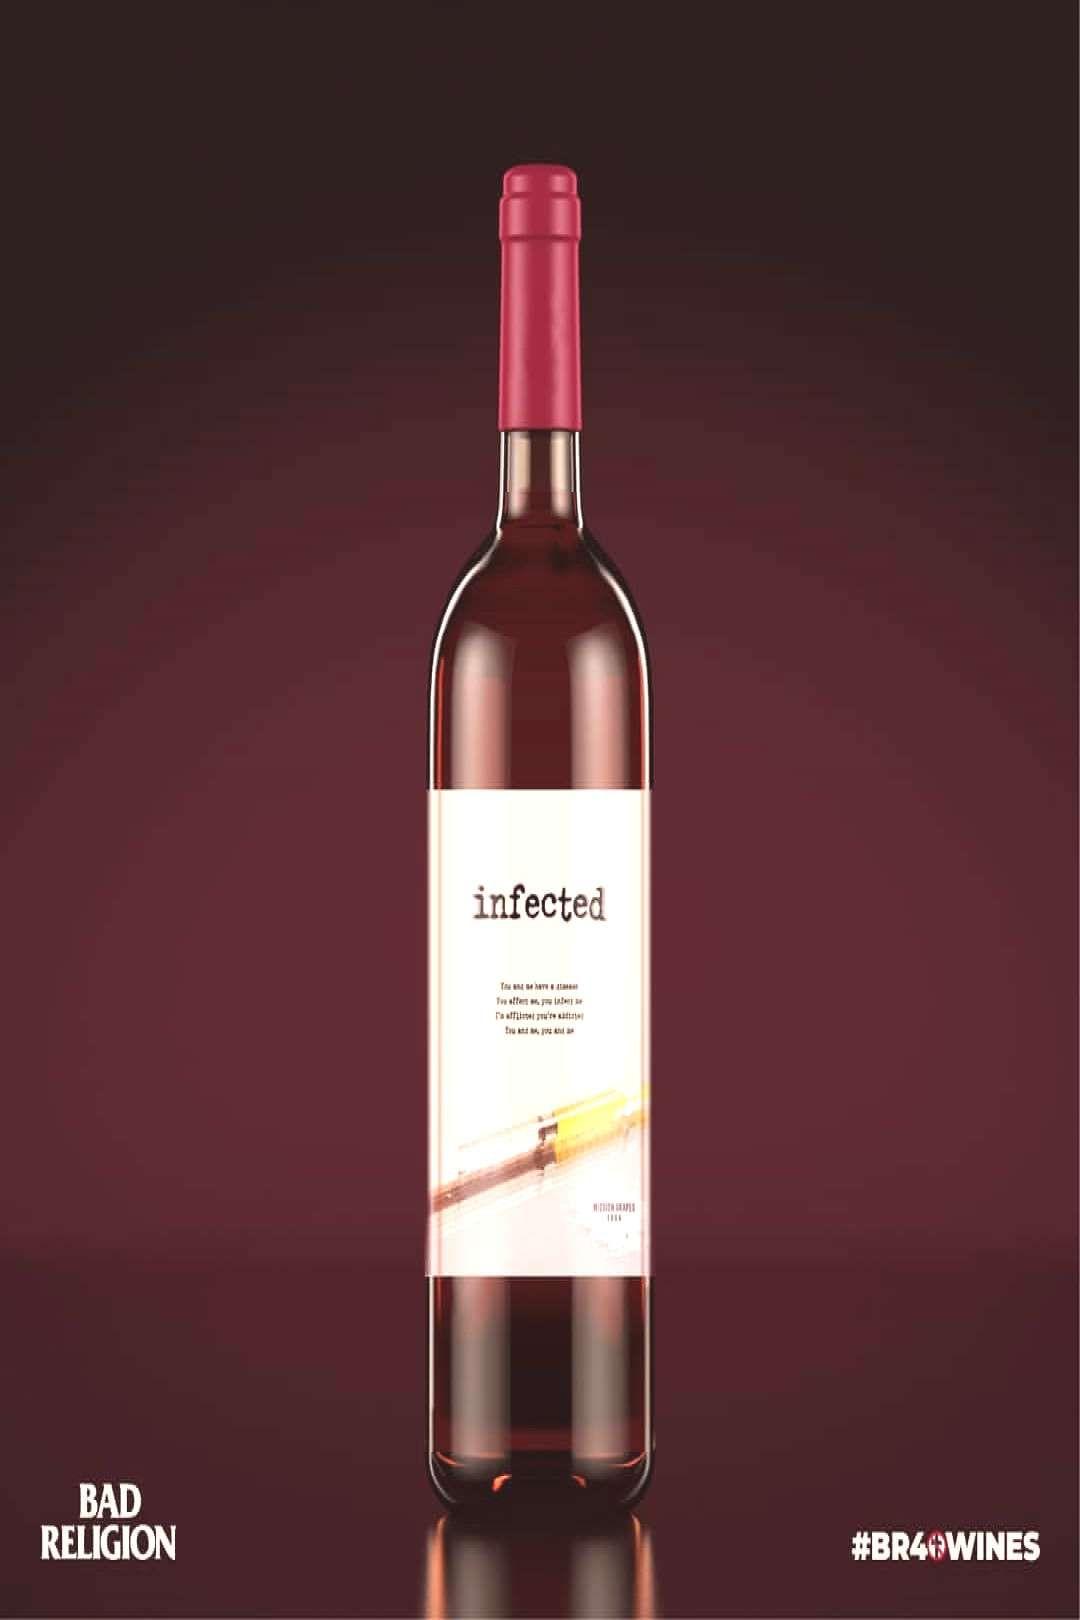 Winelabels Carlos Medina Photo Dorta March 2020 By On 13 Photo By Carlos Medina Dorta On March 13 2020 You Can In 2020 Wine Packaging Wine Bottle Wine Time